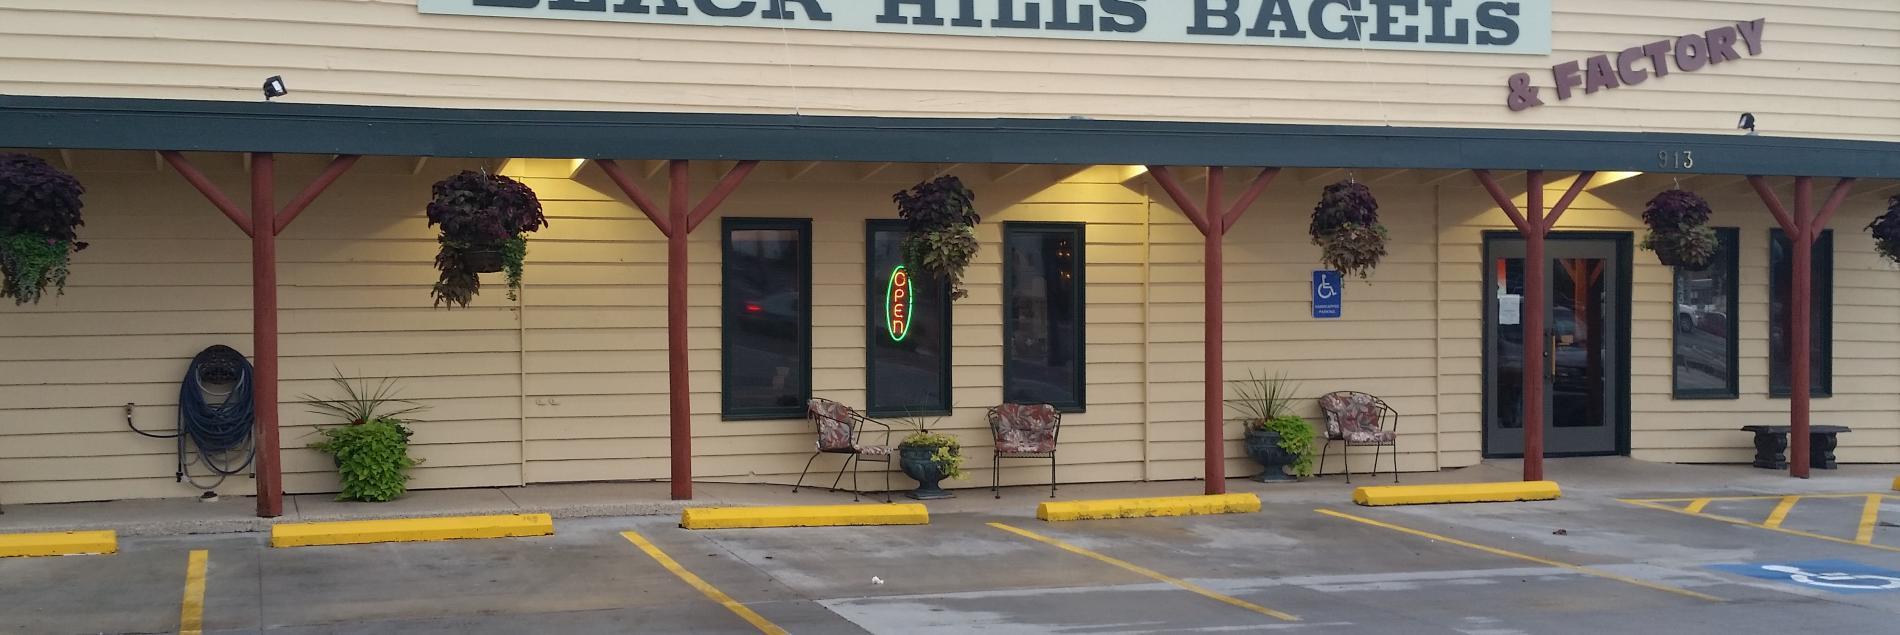 Black Hills Bagels